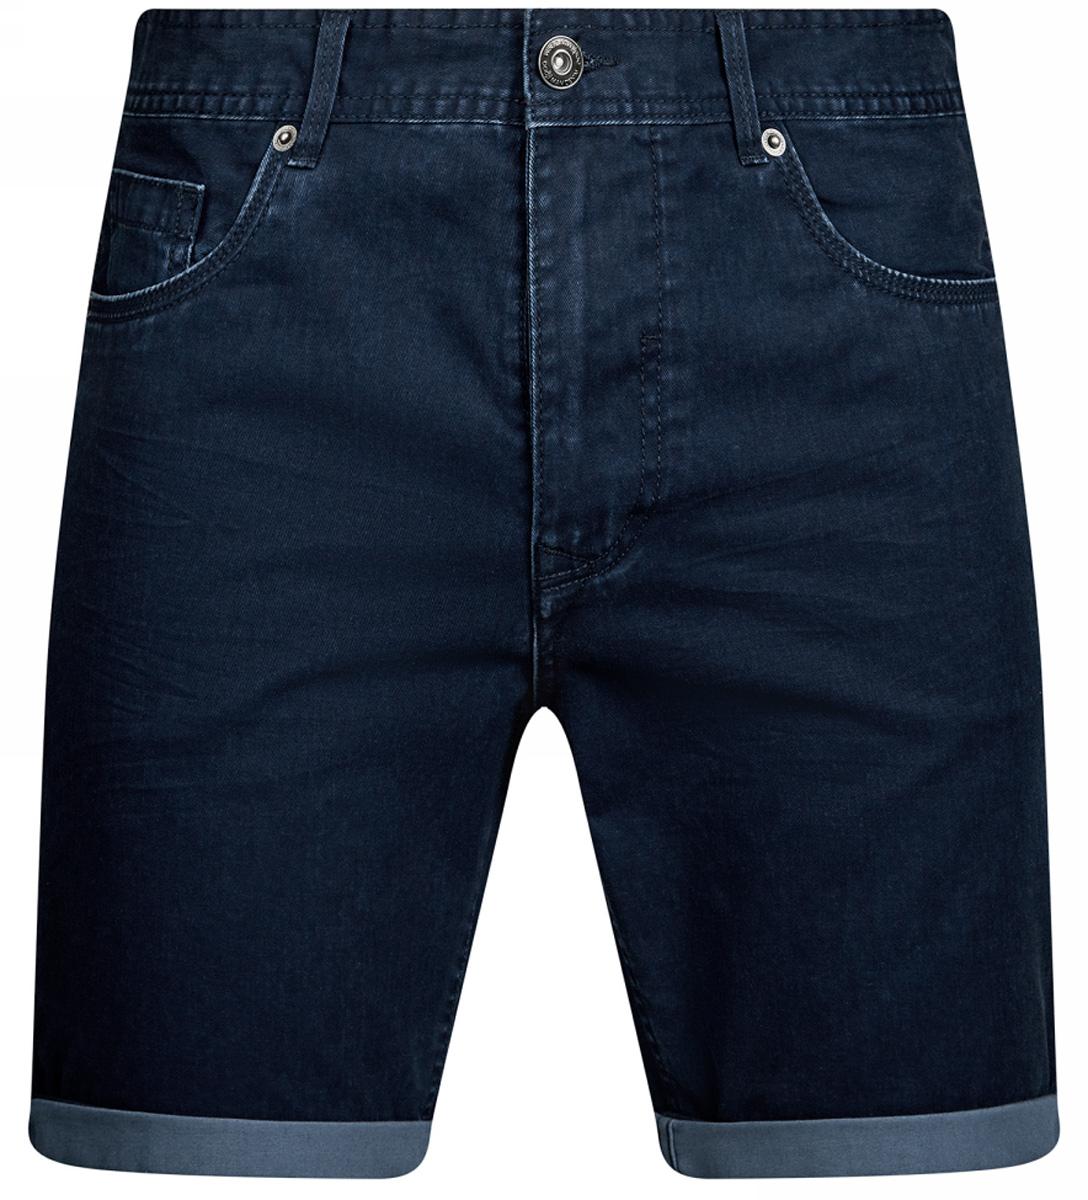 Шорты мужские oodji Lab, цвет: темно-синий, синий джинс. 2L710018M/44216N/7975W. Размер 38-182 (46-182)2L710018M/44216N/7975WСтильные мужские шорты oodji Lab изготовлены из плотного высококачественного материала (100% хлопка). Модель застегивается на пуговицу и ширинку на застежке-молнии, имеются шлевки для ремня. Спереди модель дополнена двумя втачными карманами и одним небольшим накладным кармашком, а сзади - двумя накладными карманами.